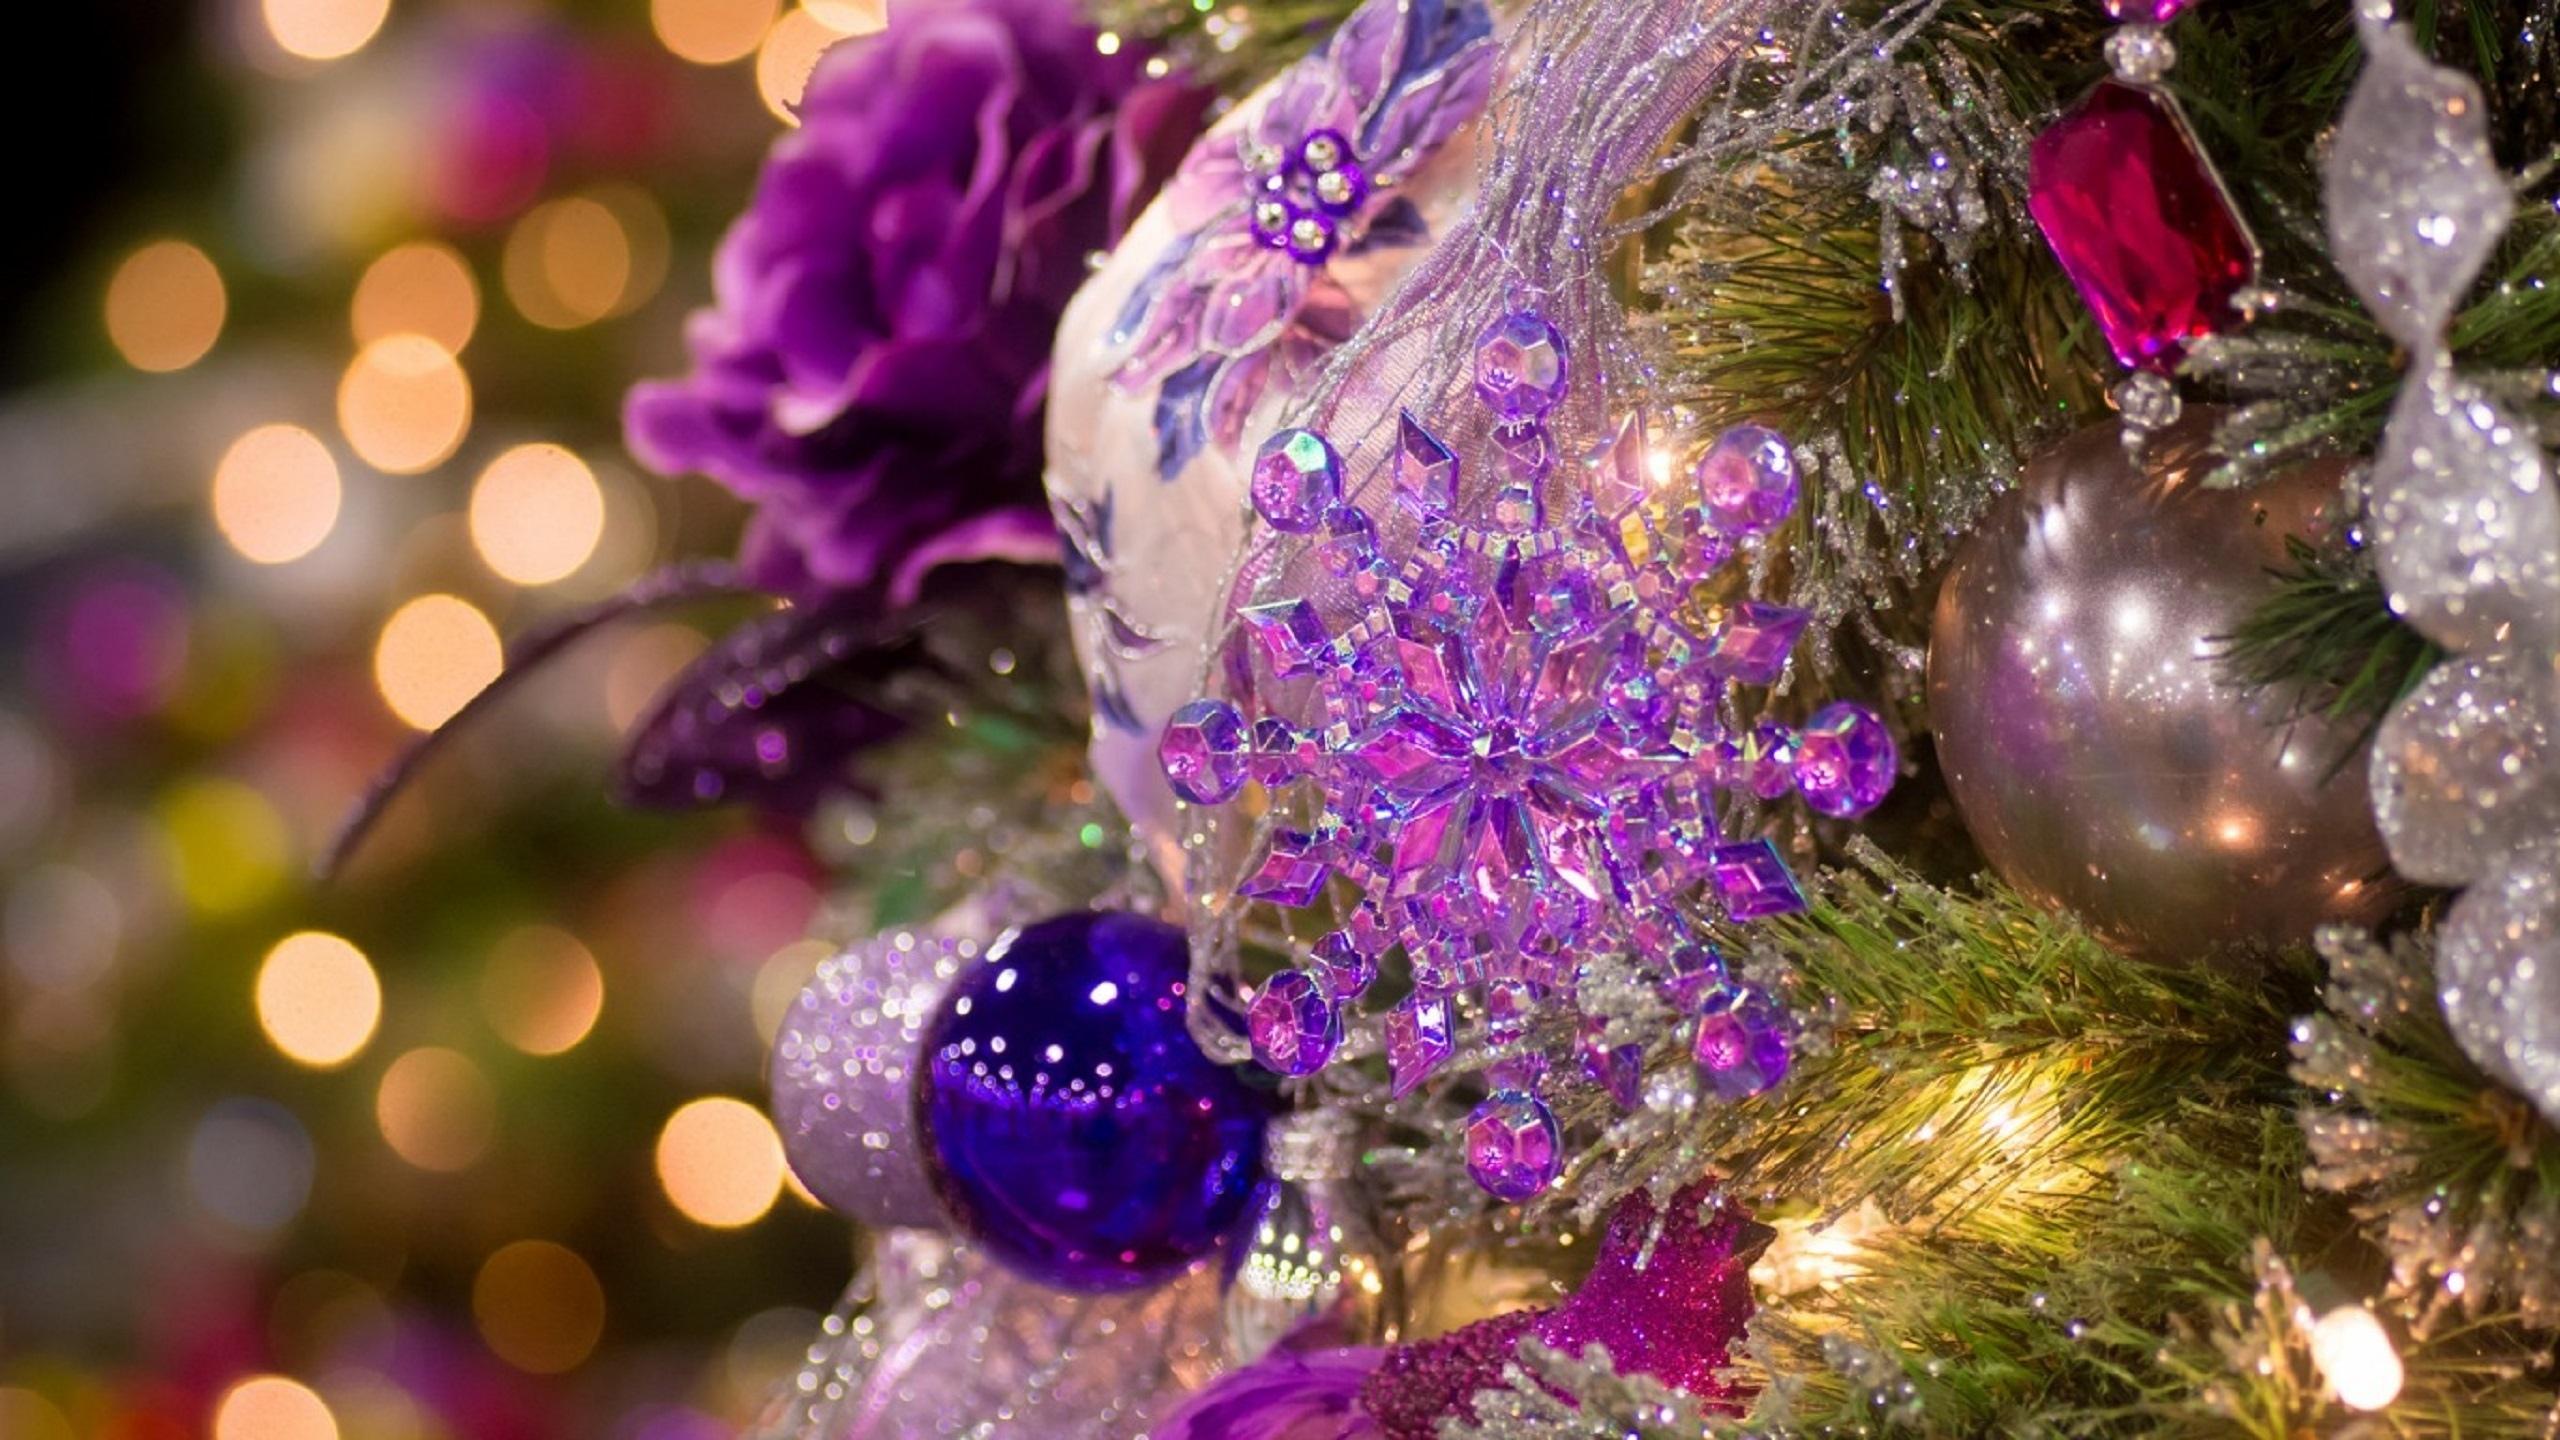 обои для стола с новогодней темой № 634973 бесплатно